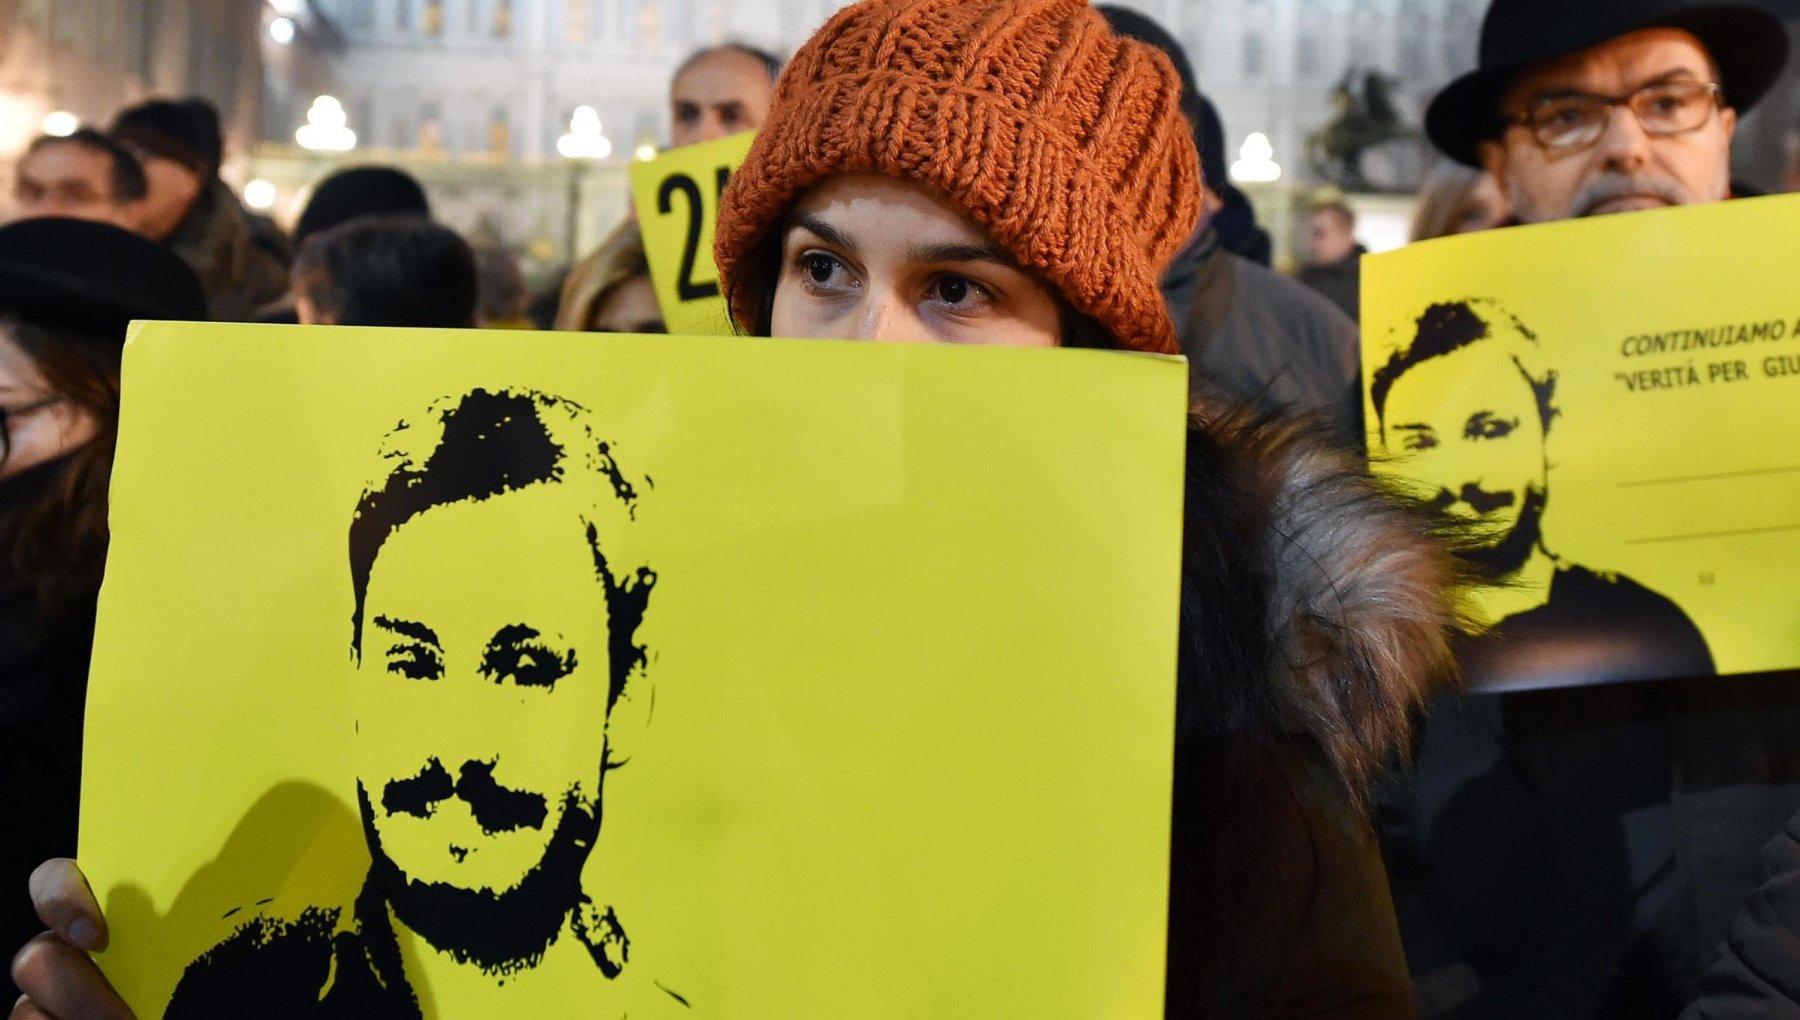 Regeni la procura di Roma chiude linchiesta quattro 007 egiziani verso il processo